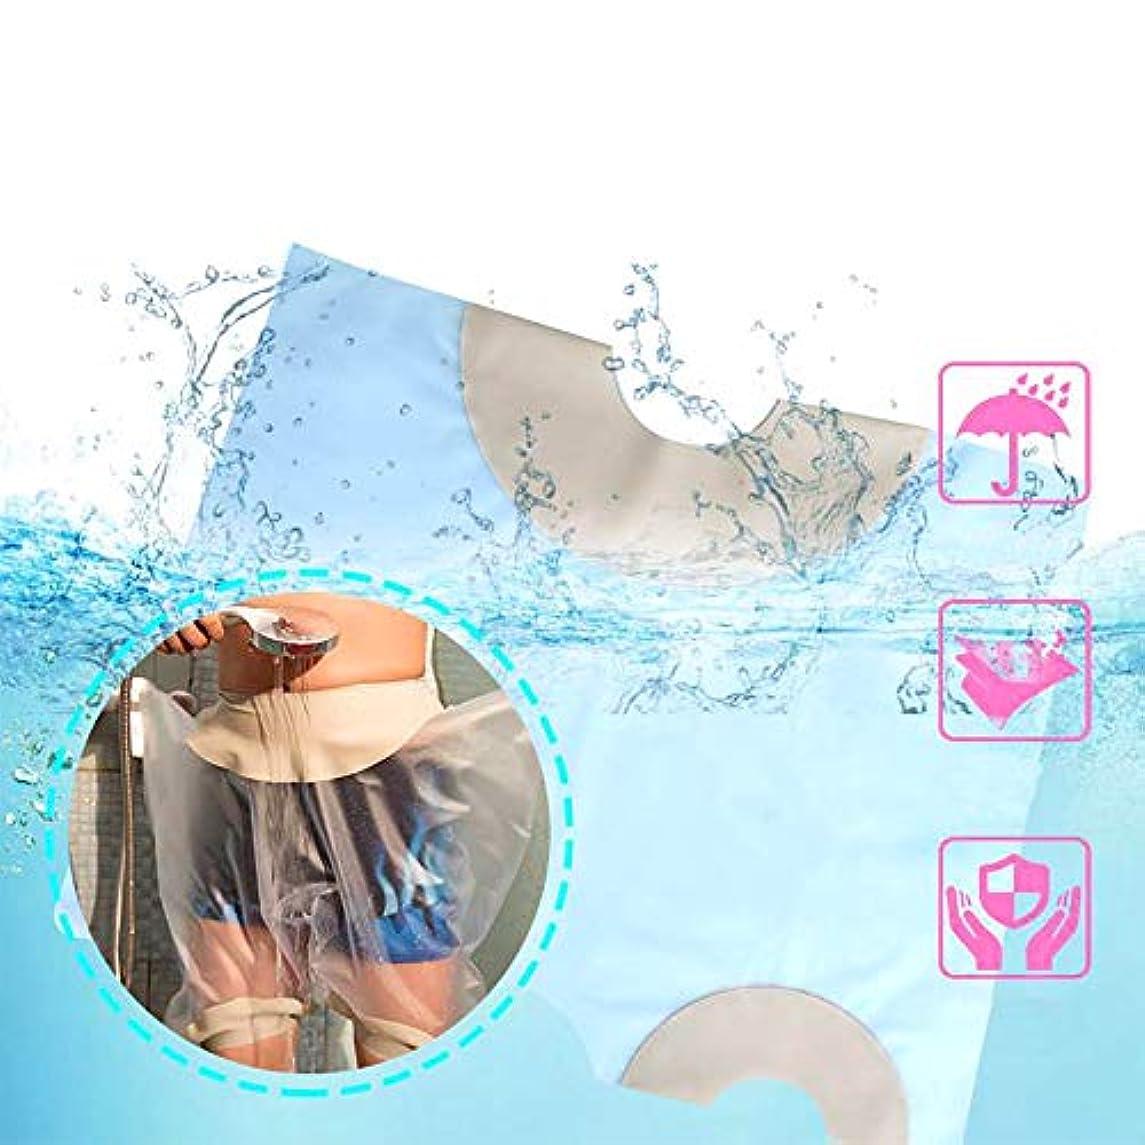 ドメイン油木防水キャストバッグ包帯プロテクター防水大人のプラスチック製の保護ドライバッグ防水、耐、水中シール,M